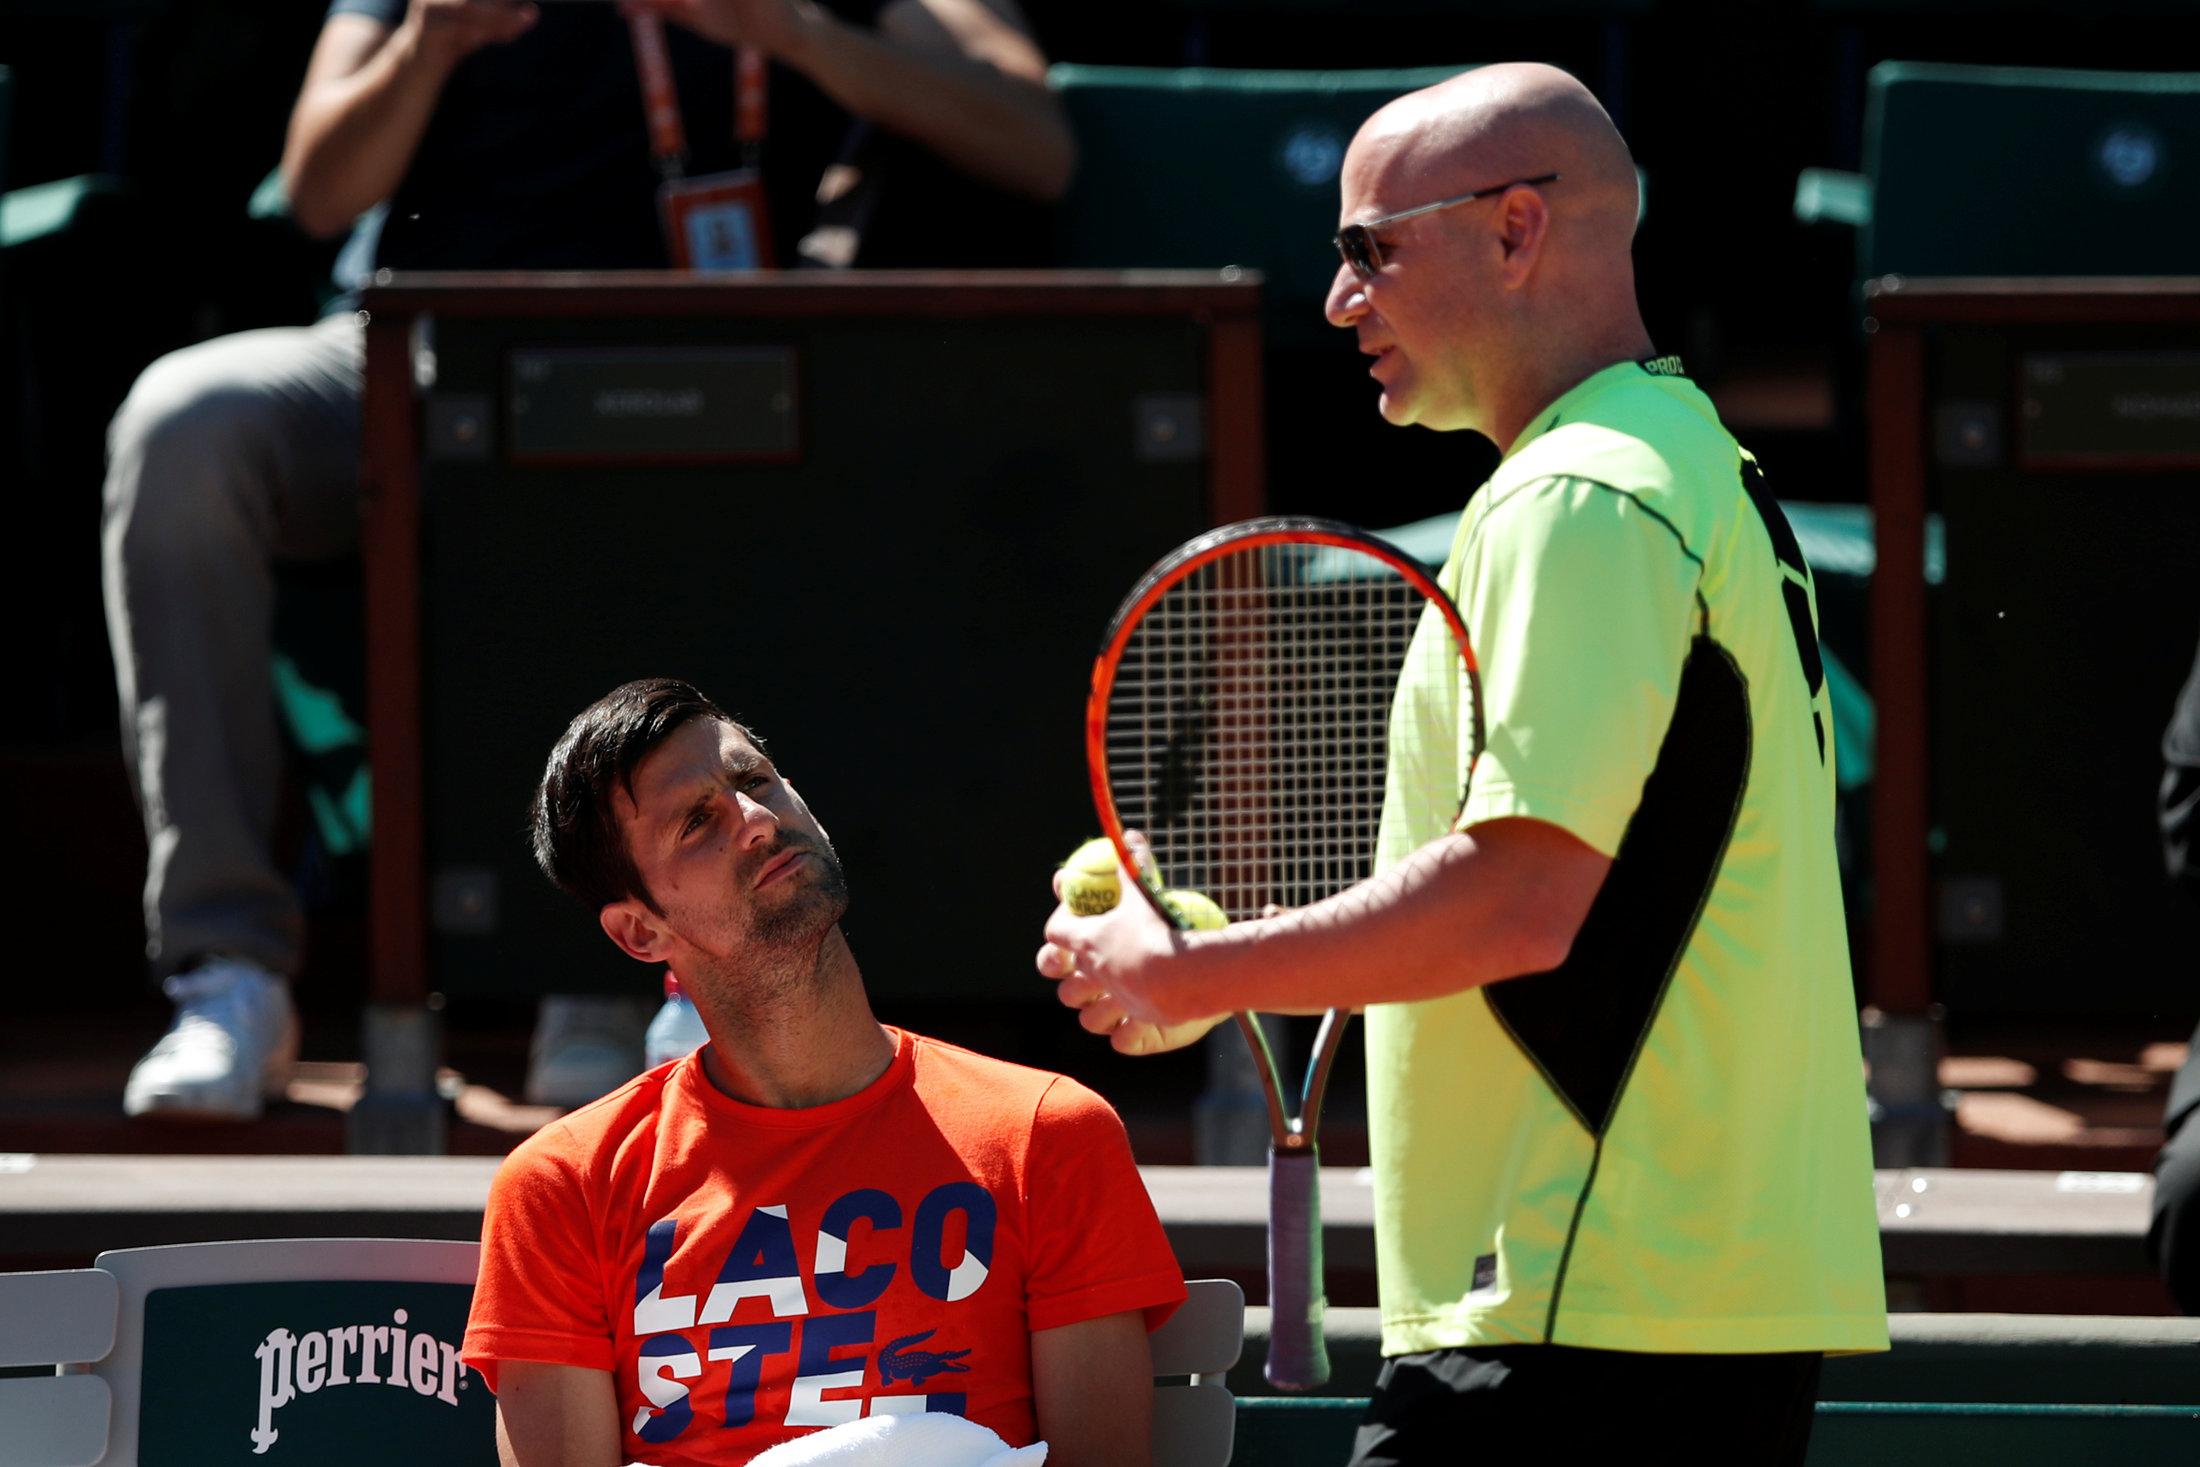 Tennis - Roland-Garros - Billet d'humeur : Les yeux d'Agassi, une flamme pour Djokovic